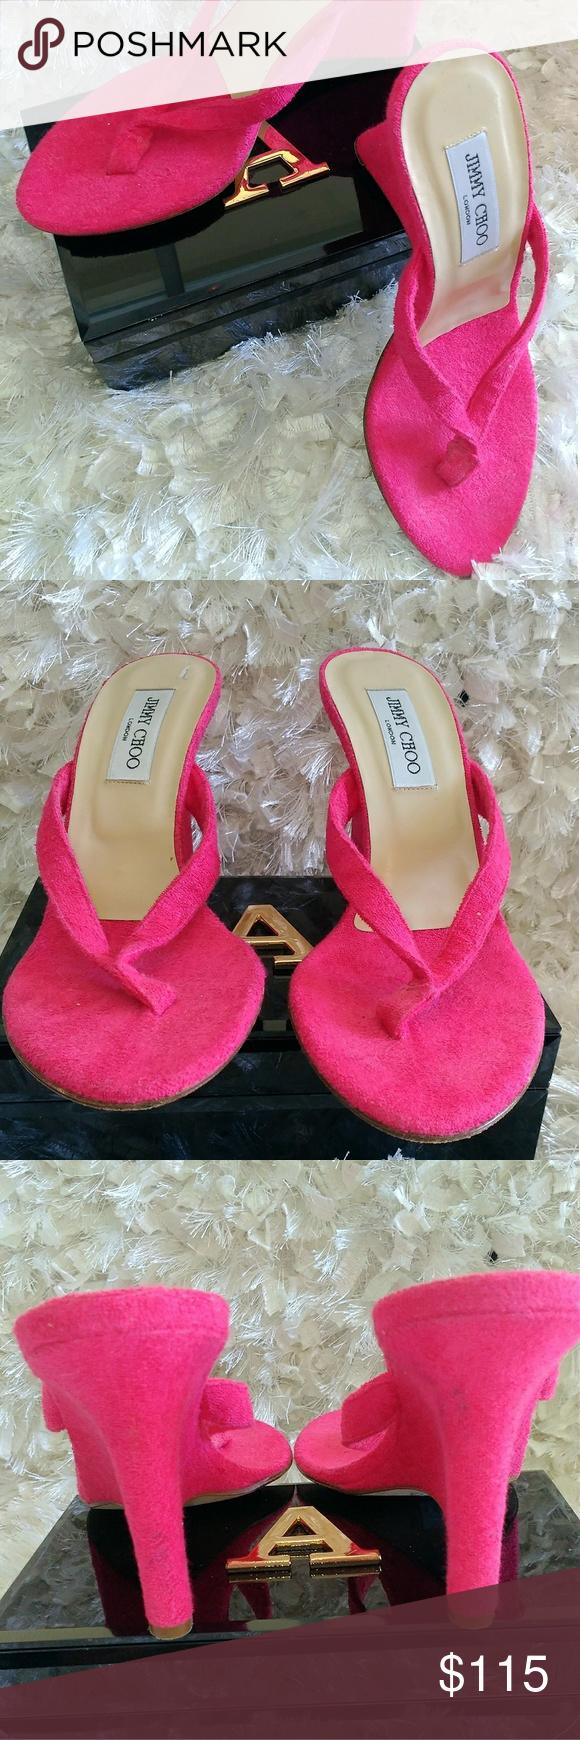 0677bdd40f6a Hot Pink Jimmy Choo Wedge Thong Sandals Hot pink Jimmy Choo sandals with  wedge heel. Summery